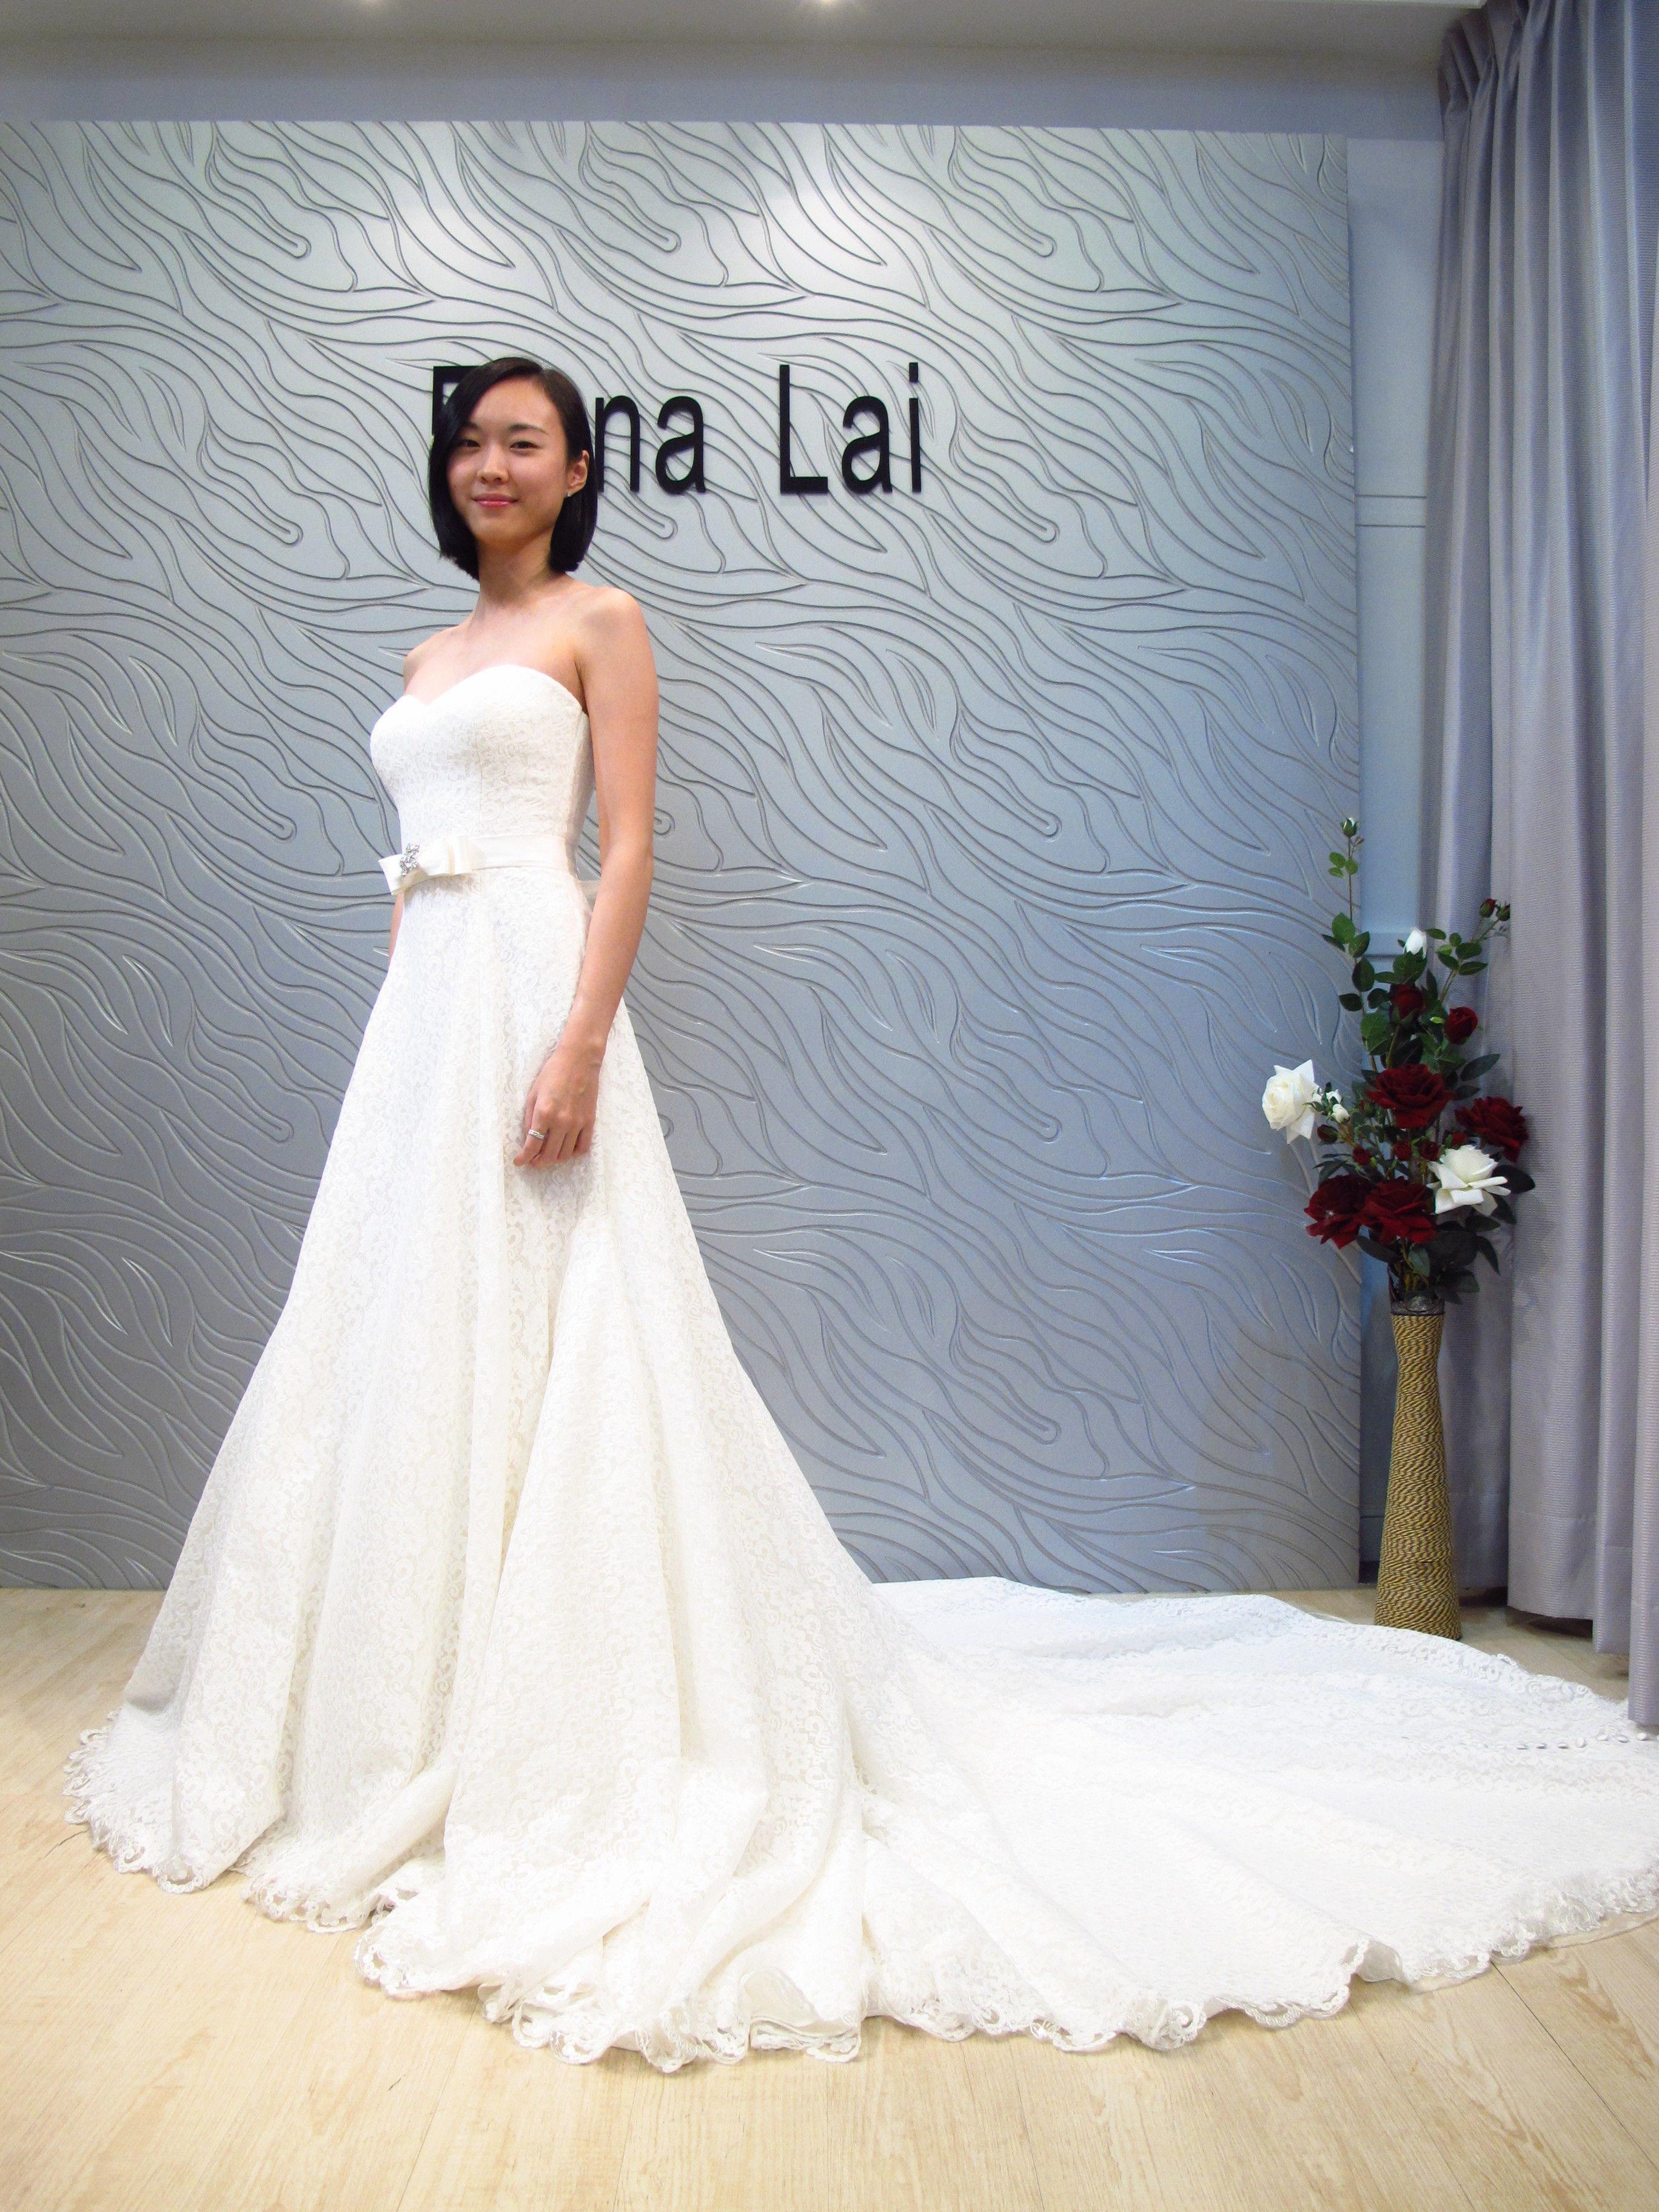 Fancy Princess Fiona Wedding Dress Elaboration - Womens Dresses ...